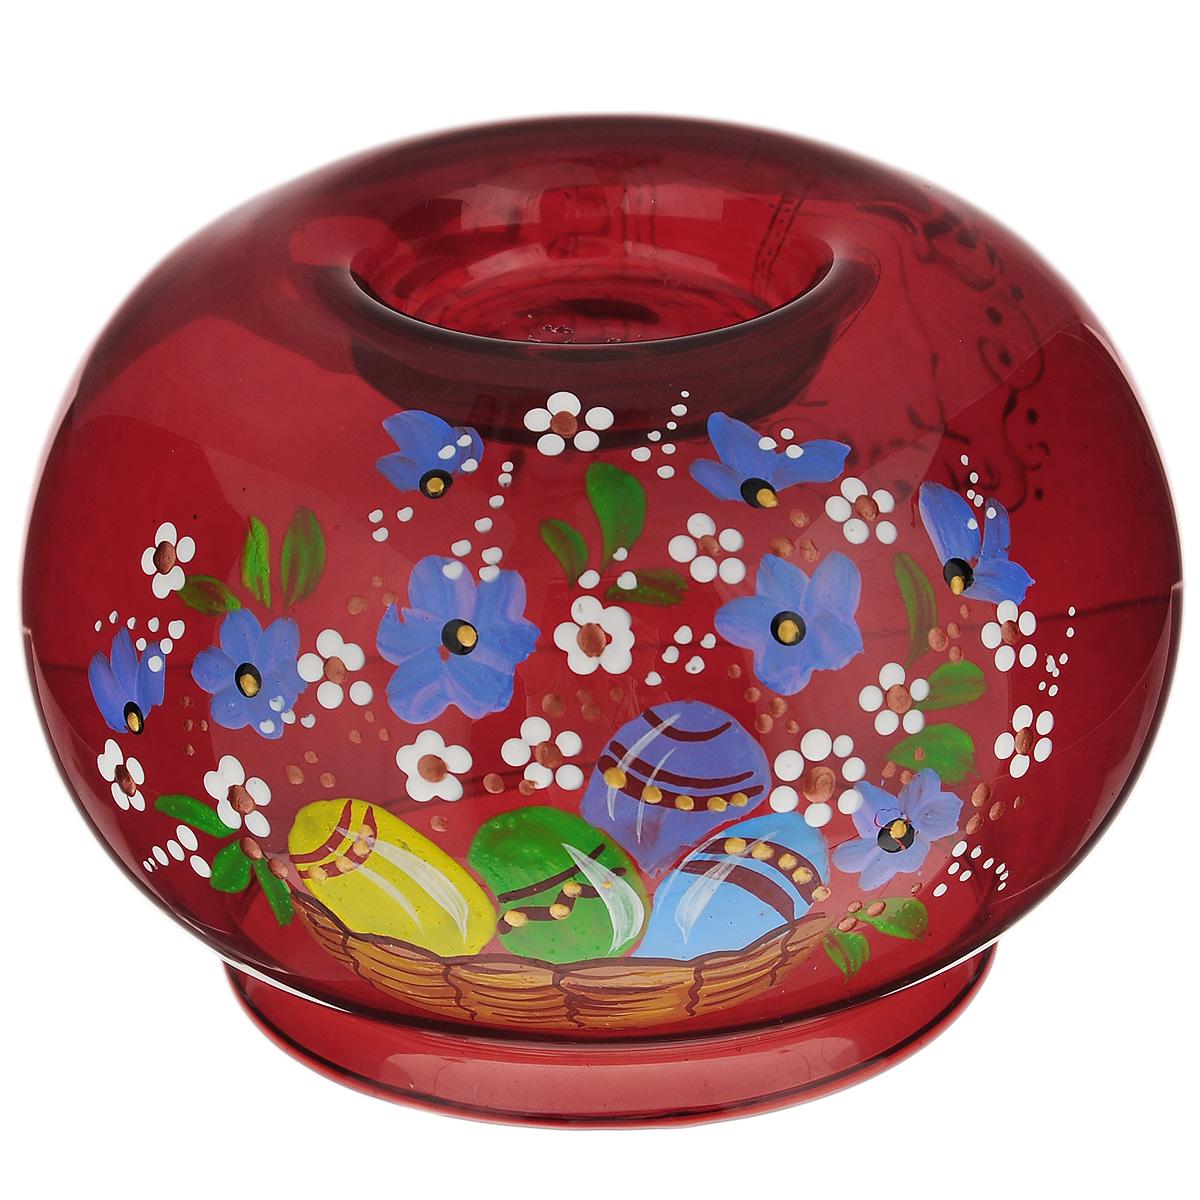 Подсвечник Sima-land Пасха-2, цвет: красный. 19629237913Подсвечник Sima-land Пасха-2 идеально подойдет для праздничного оформления дома. Подсвечник выполнен из стекла красного цвета и украшен пасхальным рисунком. В центр изделия помещается свеча-таблетка (не входит в комплект). Зажгите свечку, поставьте ее в подсвечник и наслаждайтесь теплом, которое наполнит ваше сердце. Пасхальный декоративный подсвечник украсит интерьер вашего дома. Оригинальный дизайн и красочное исполнение создадут праздничное настроение. Кроме того, это отличный вариант подарка для ваших близких и друзей. Размер подсвечника: 11 см х 11 см х 7,5 см. Диаметр отверстия для свечи: 7,5 см.